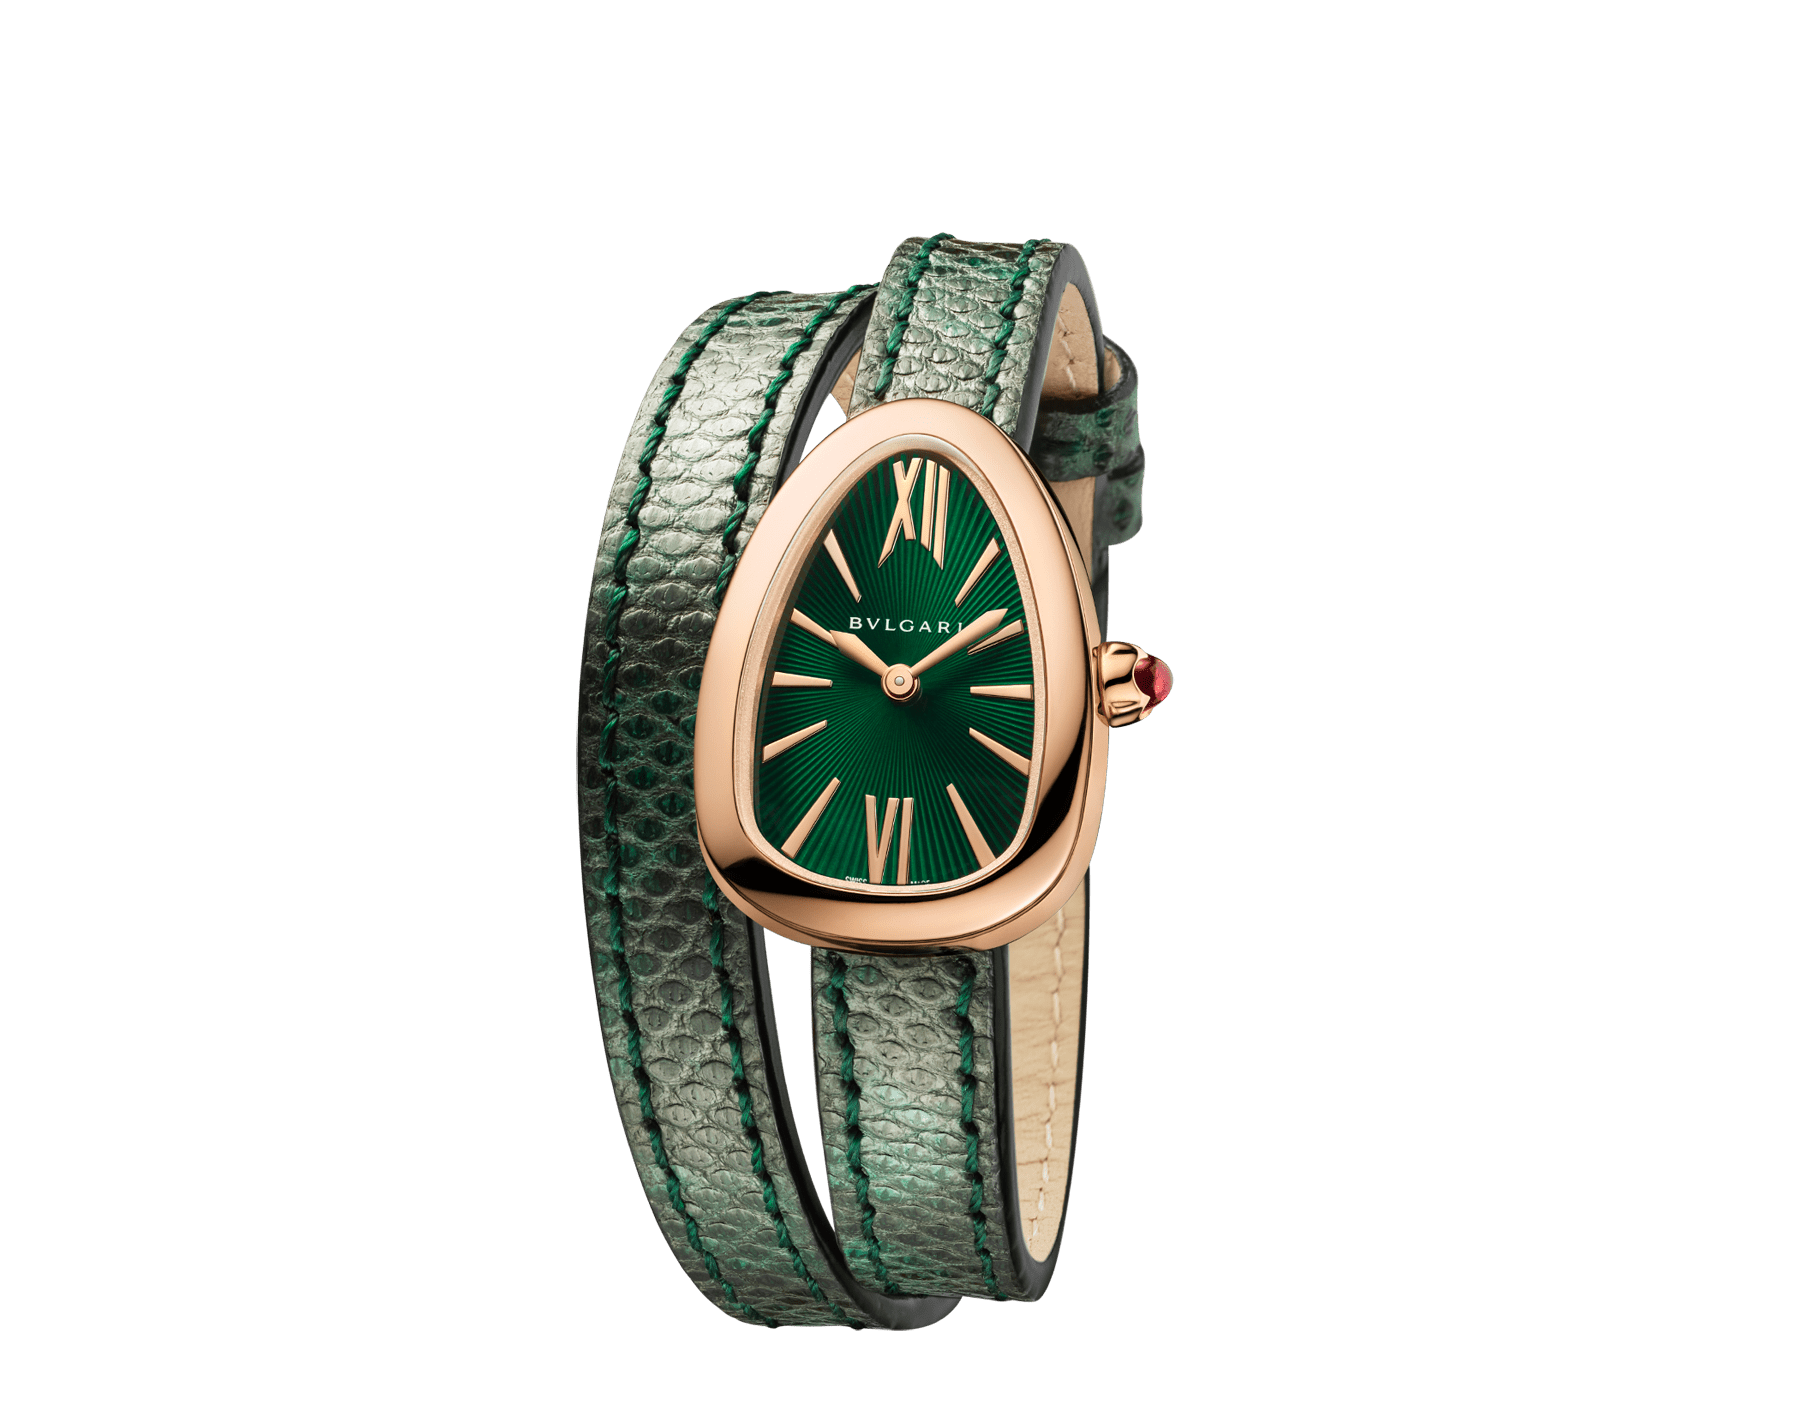 Reloj Serpenti con caja en oro rosa de 18qt, esfera lacada en verde y correa de dos vueltas intercambiable de piel de karung verde. 102726 image 2